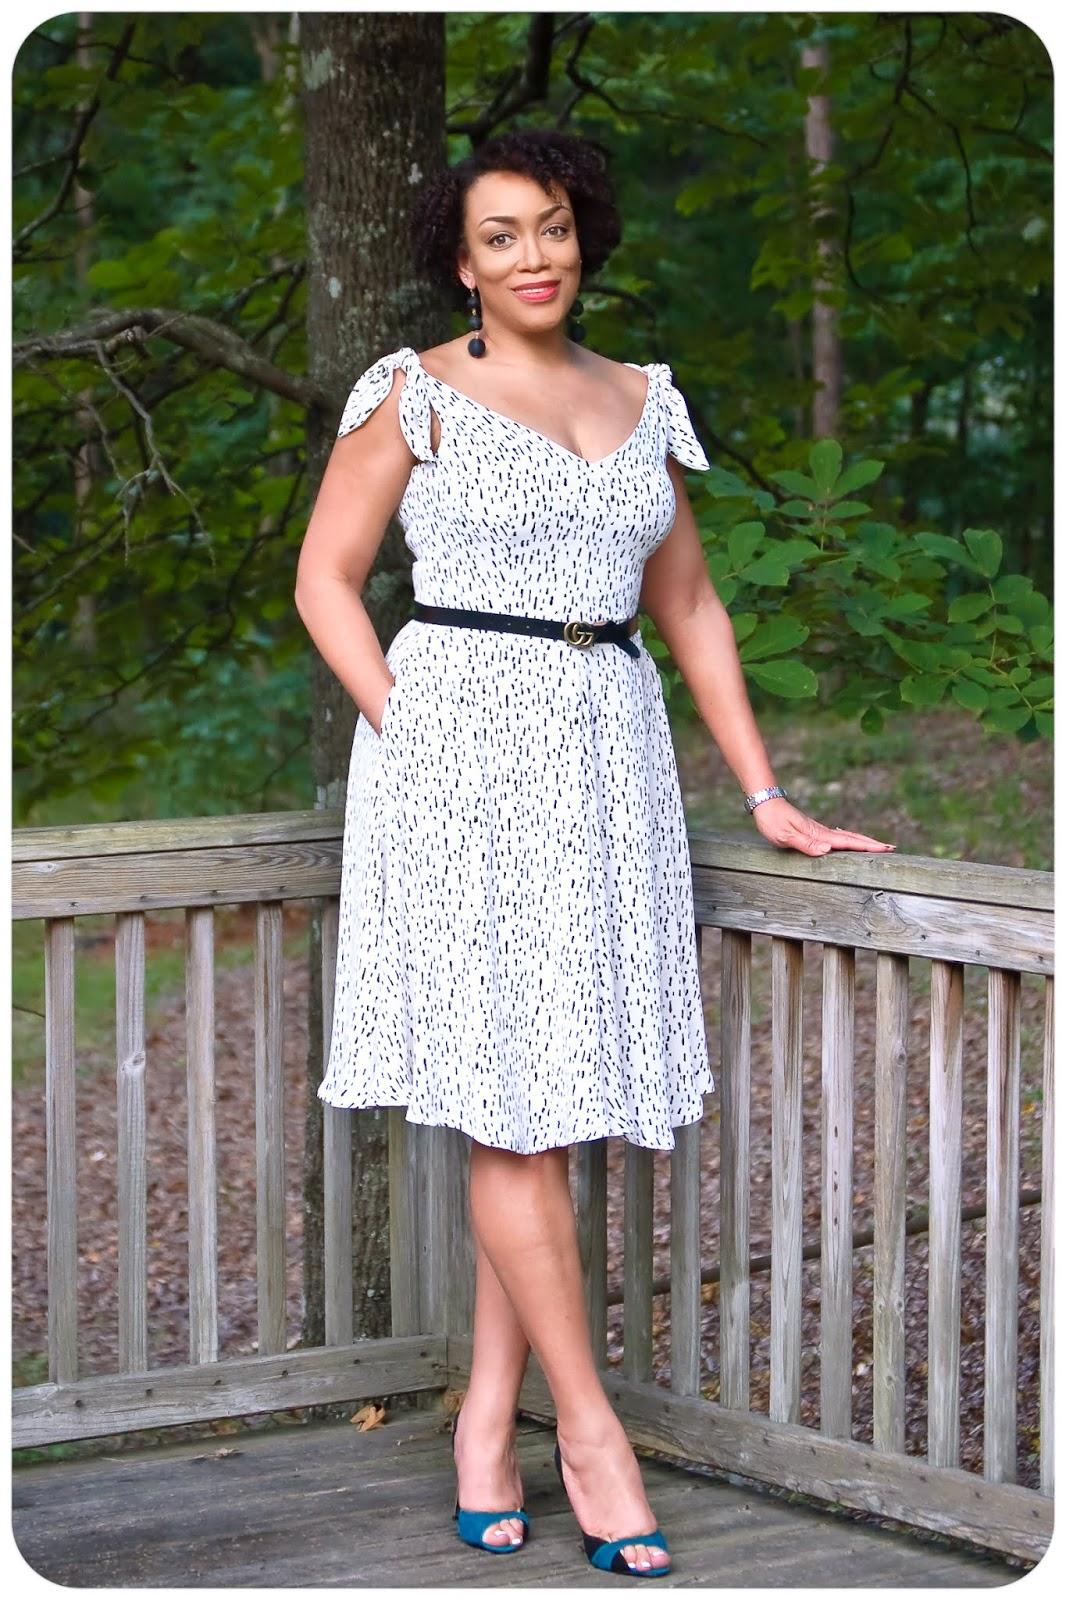 Tie-Shoulder Dress - Erica Bunker DIY Style!